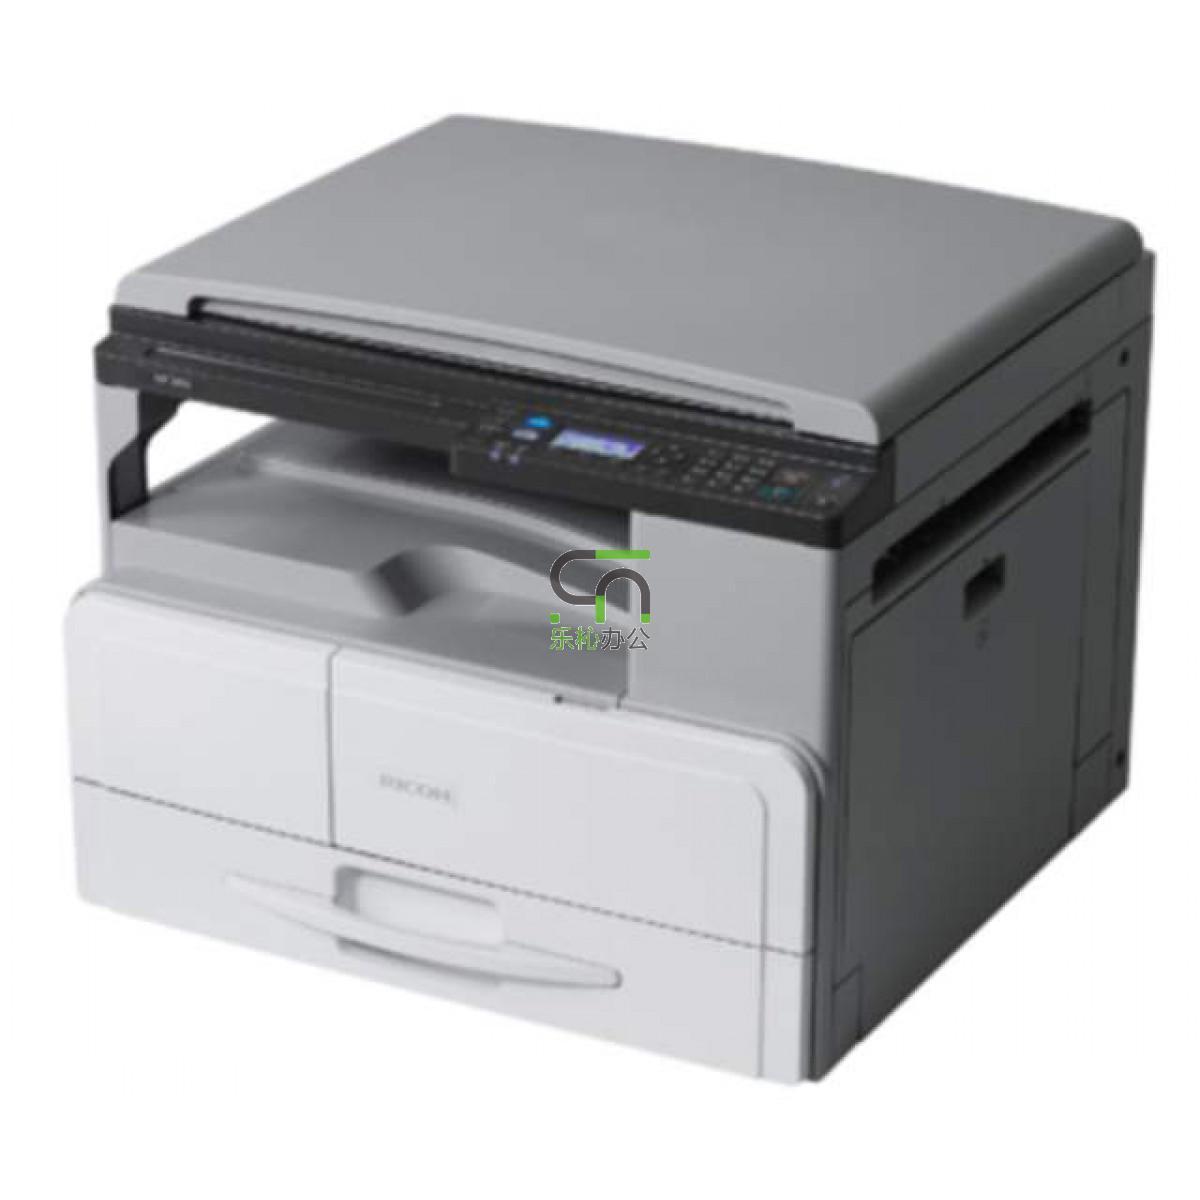 理光(Ricoh)MP2014/D/AD黑白激光A3/A4必威体育备用网址复印机扫描机一体机多功能复合机